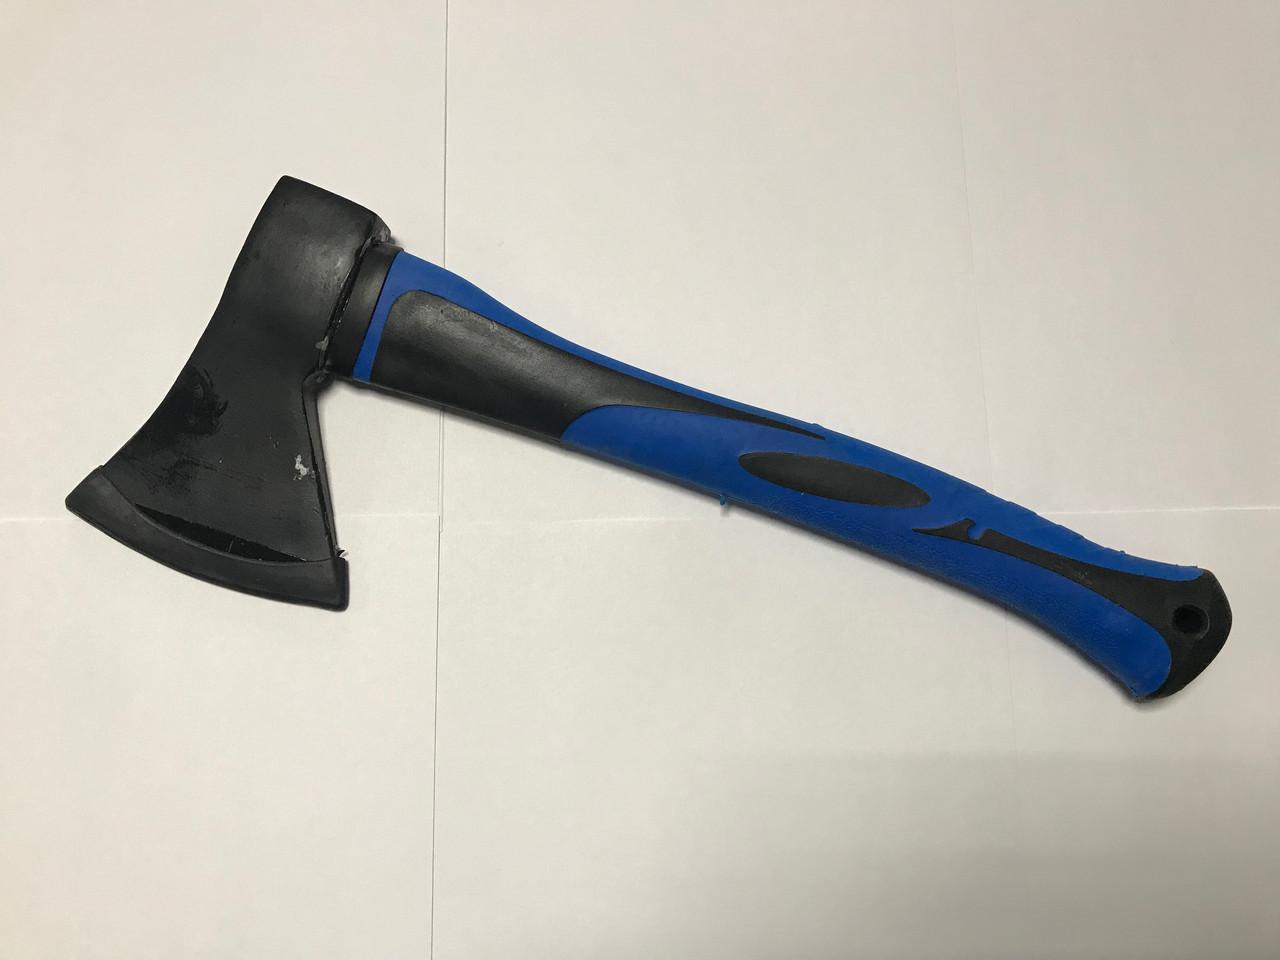 Топор с пластиковой ручкой 800 гр